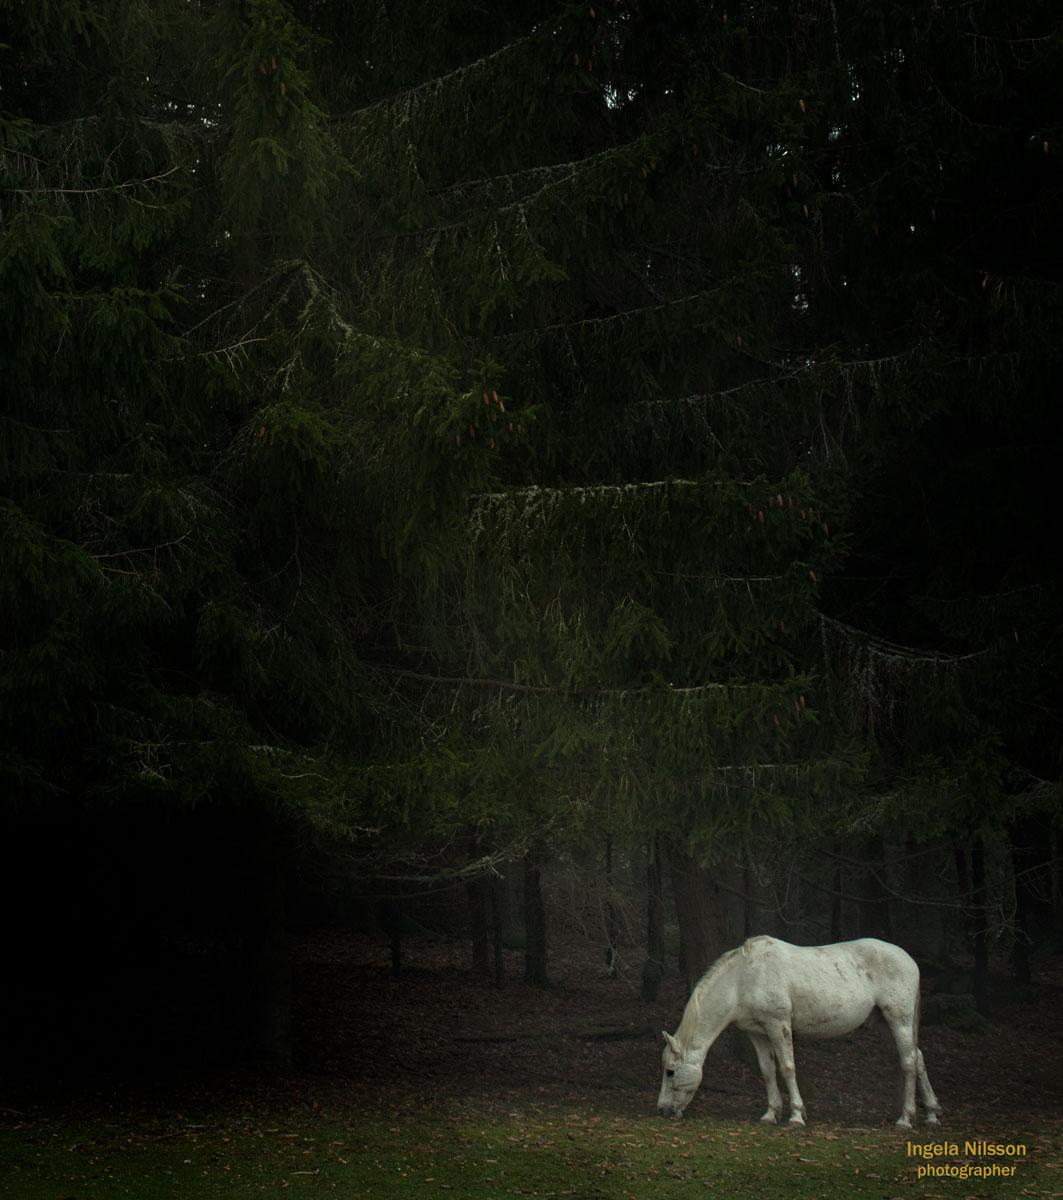 Prinsens häst i sagans värld